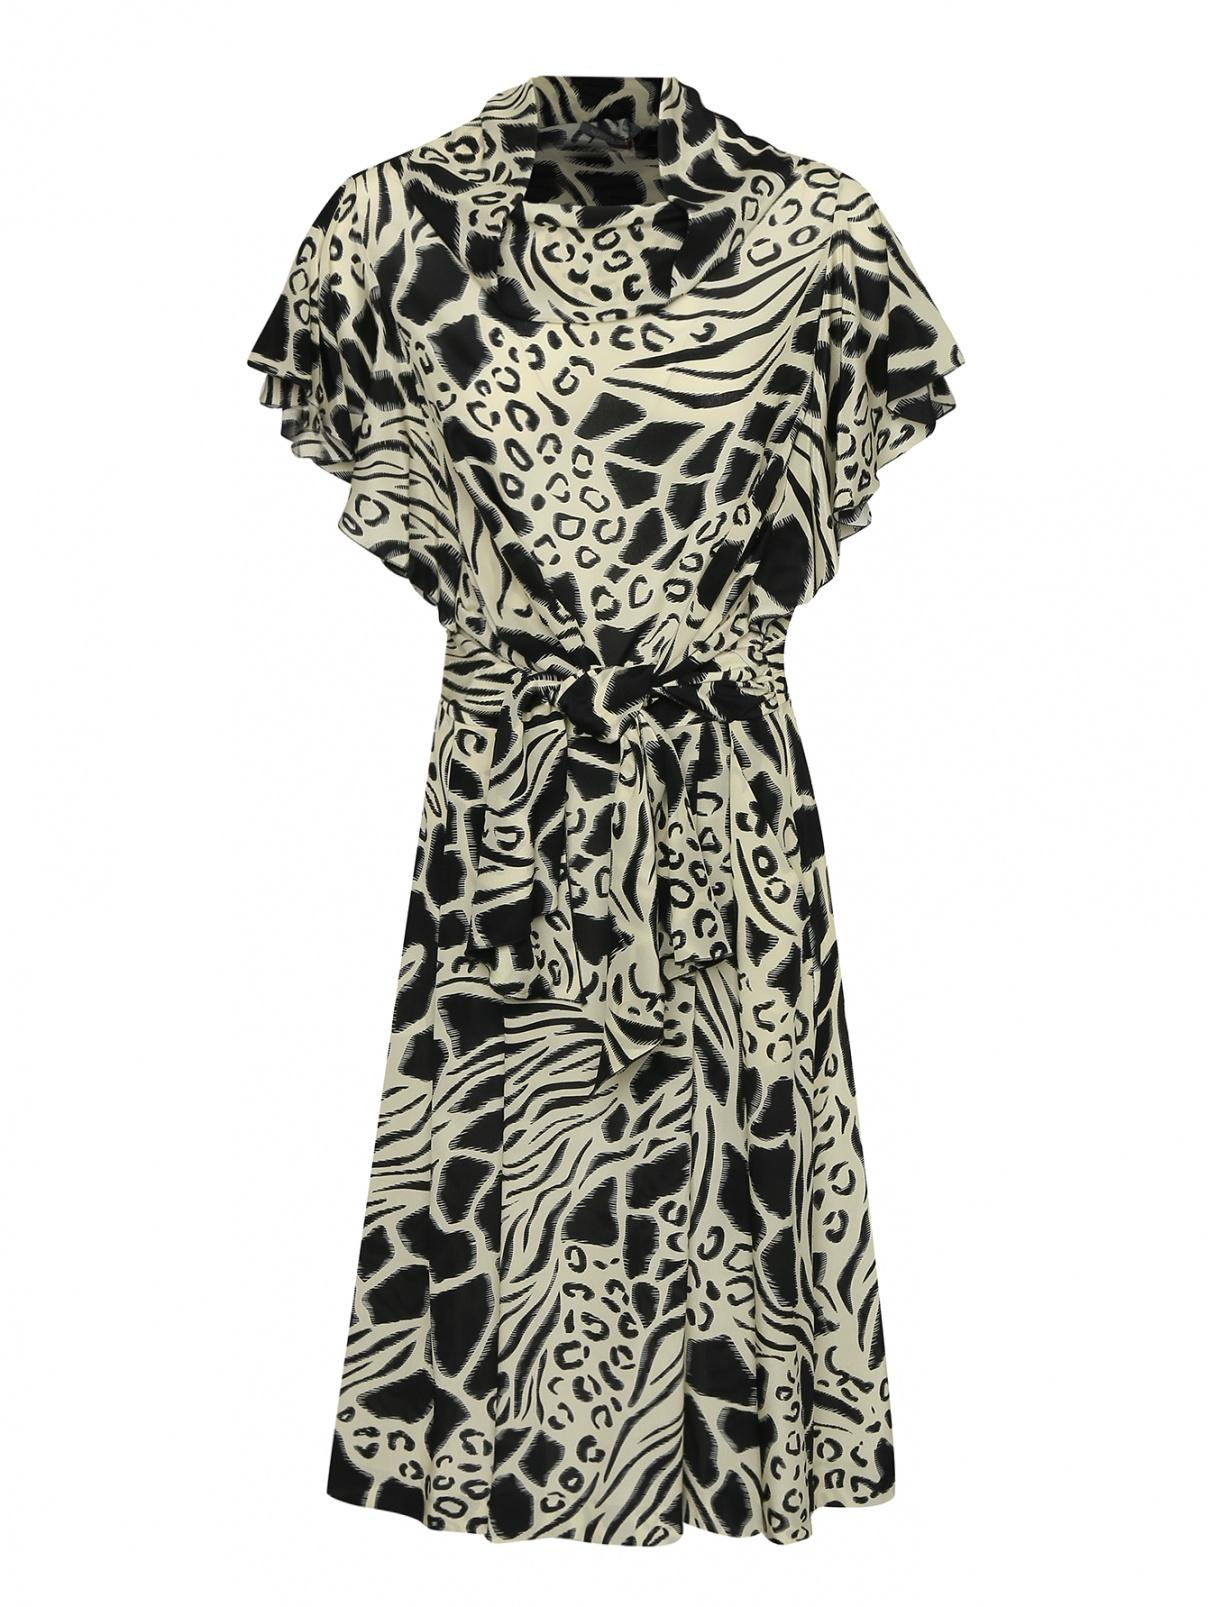 Платье из шелка с принтом и драпировкой Alberta Ferretti  –  Общий вид  – Цвет:  Черный